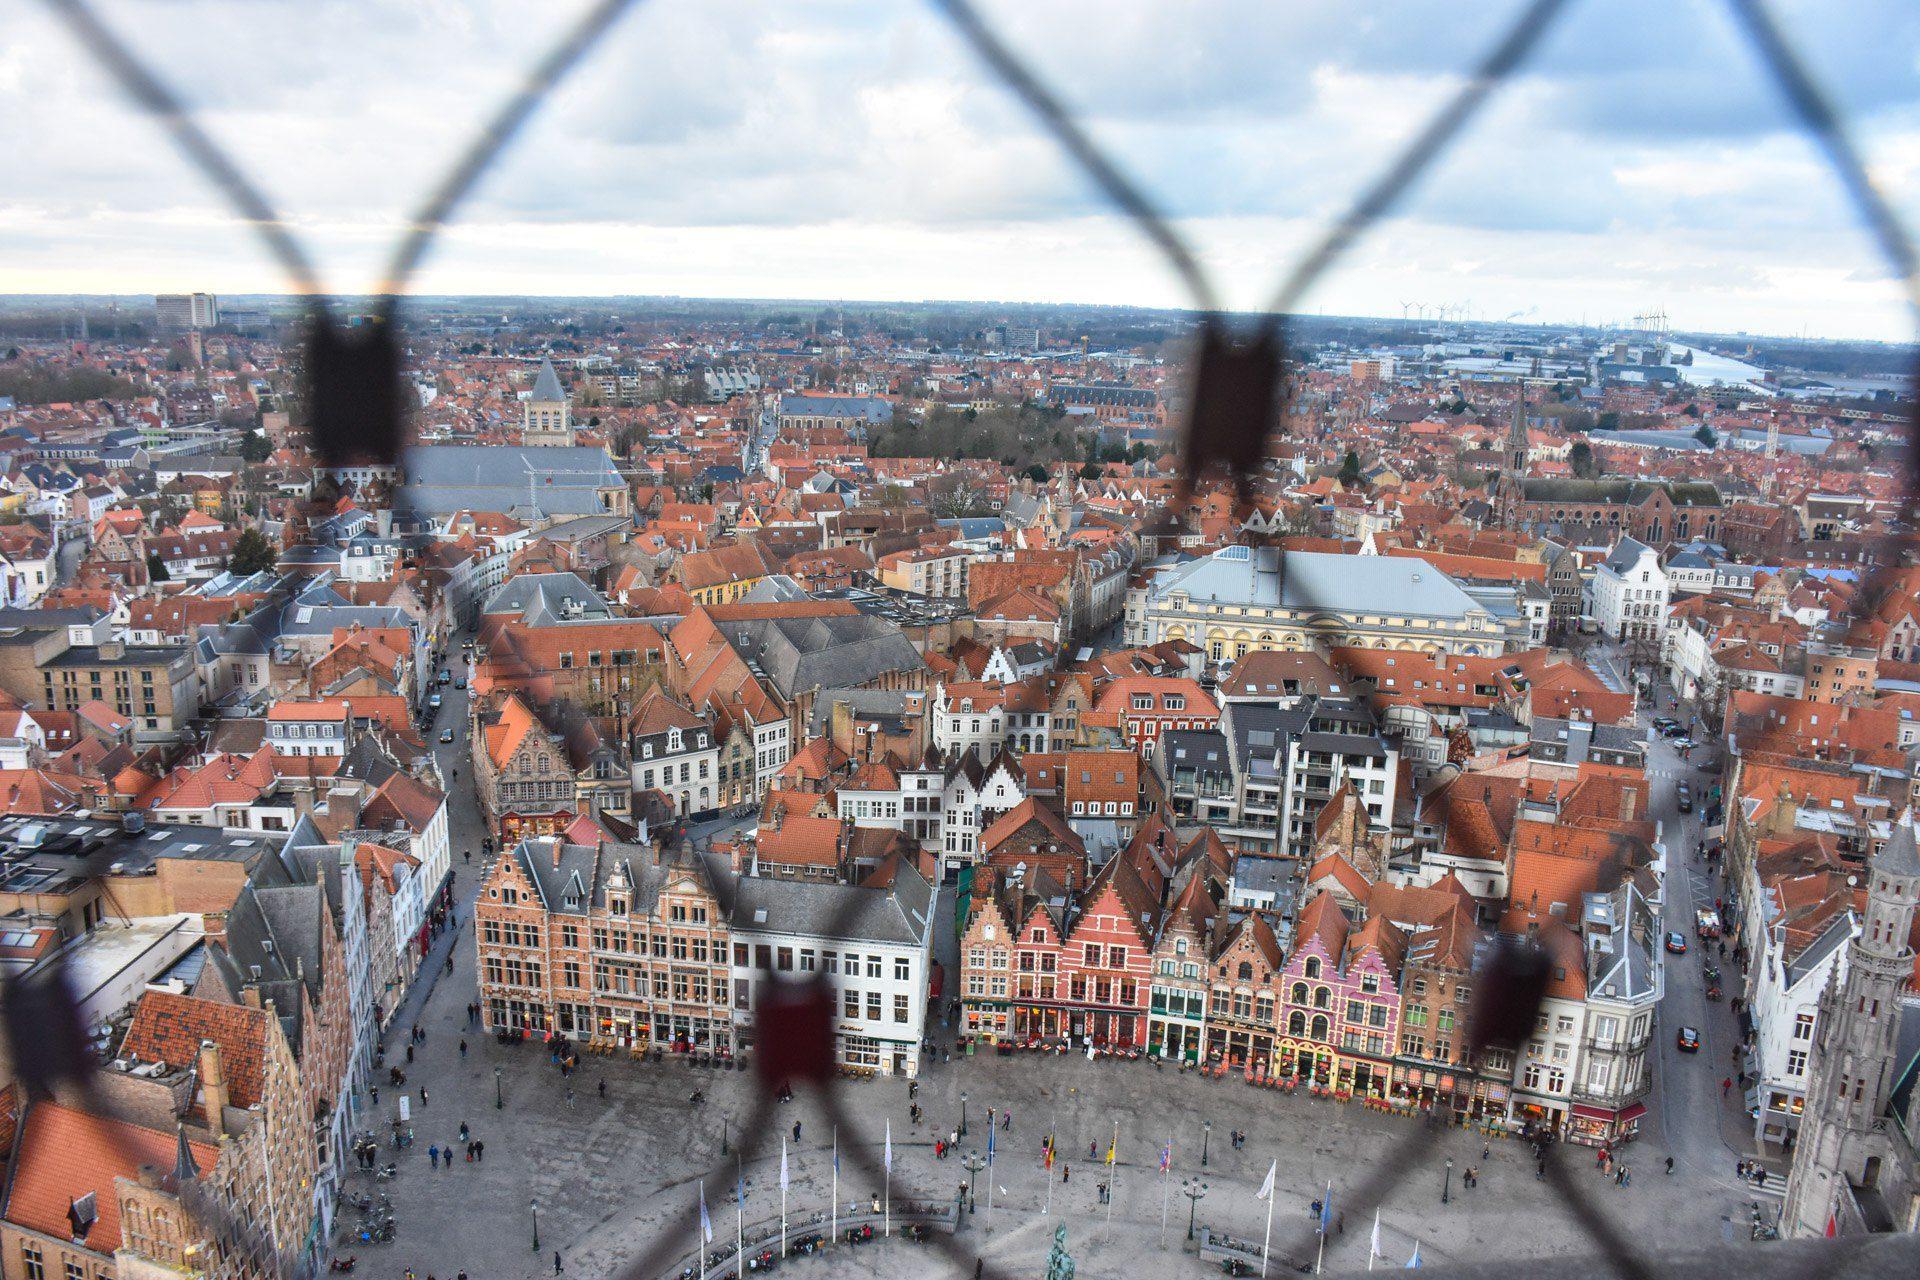 Gazing at Bruges, Belgium through a gate.